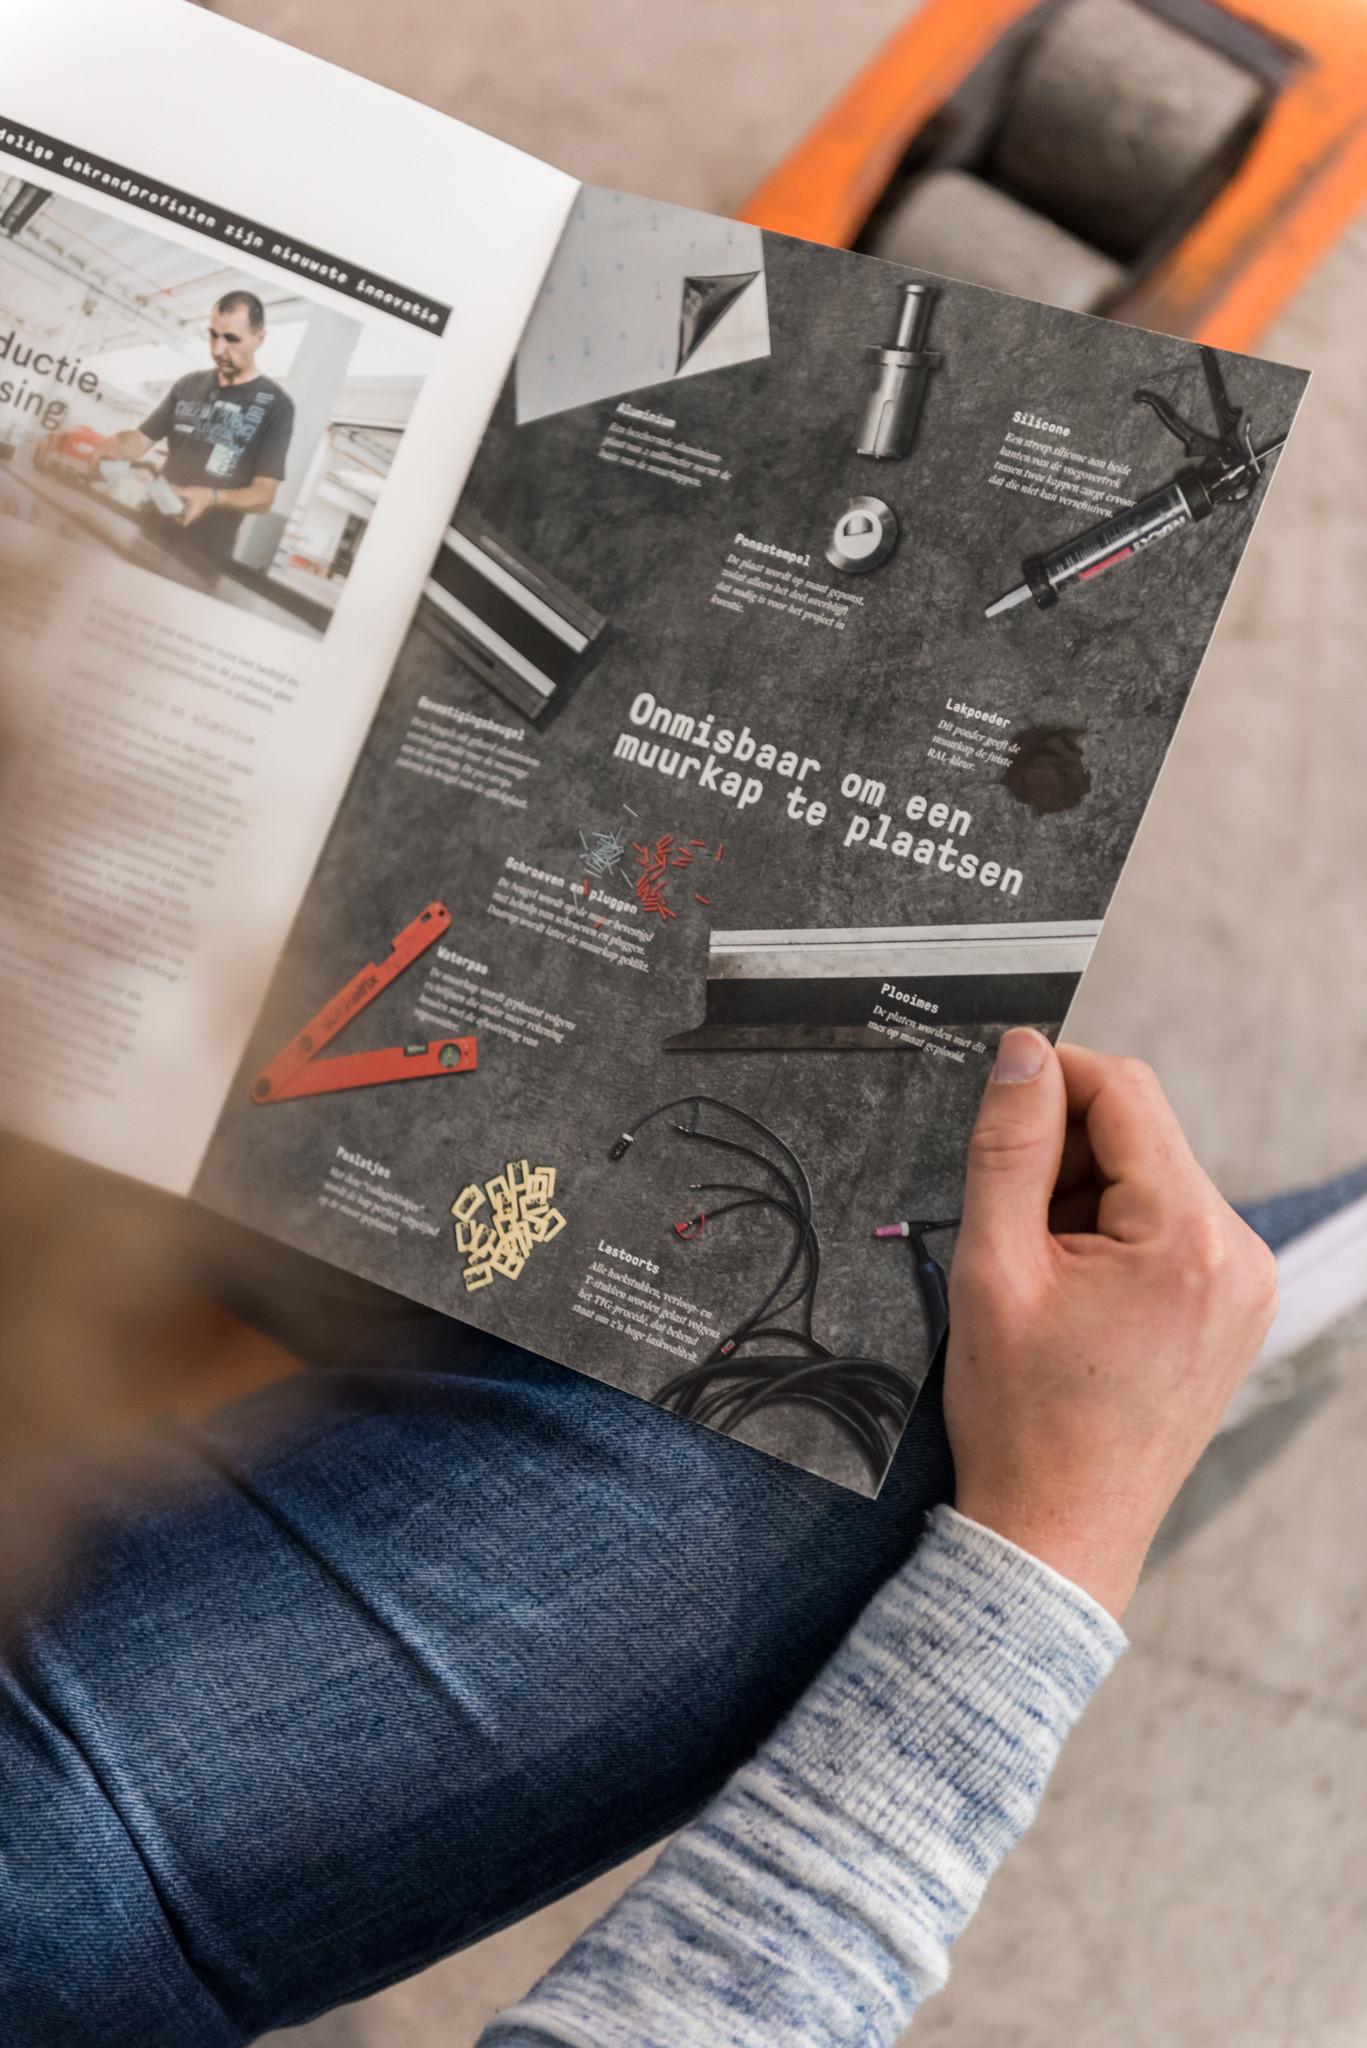 Een goede afwisseling tussen korte en lange artikels is belangrijk in een bedrijfsmagazine